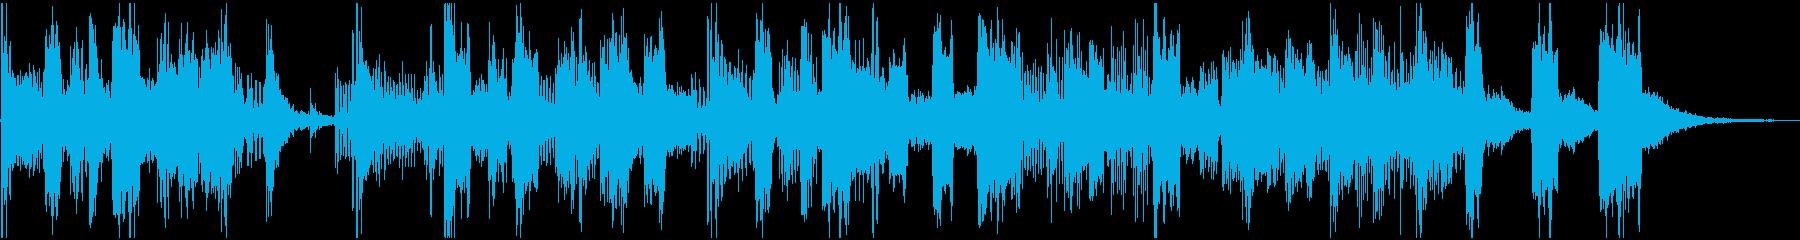 勢いのあるポップなジングル・トランペットの再生済みの波形